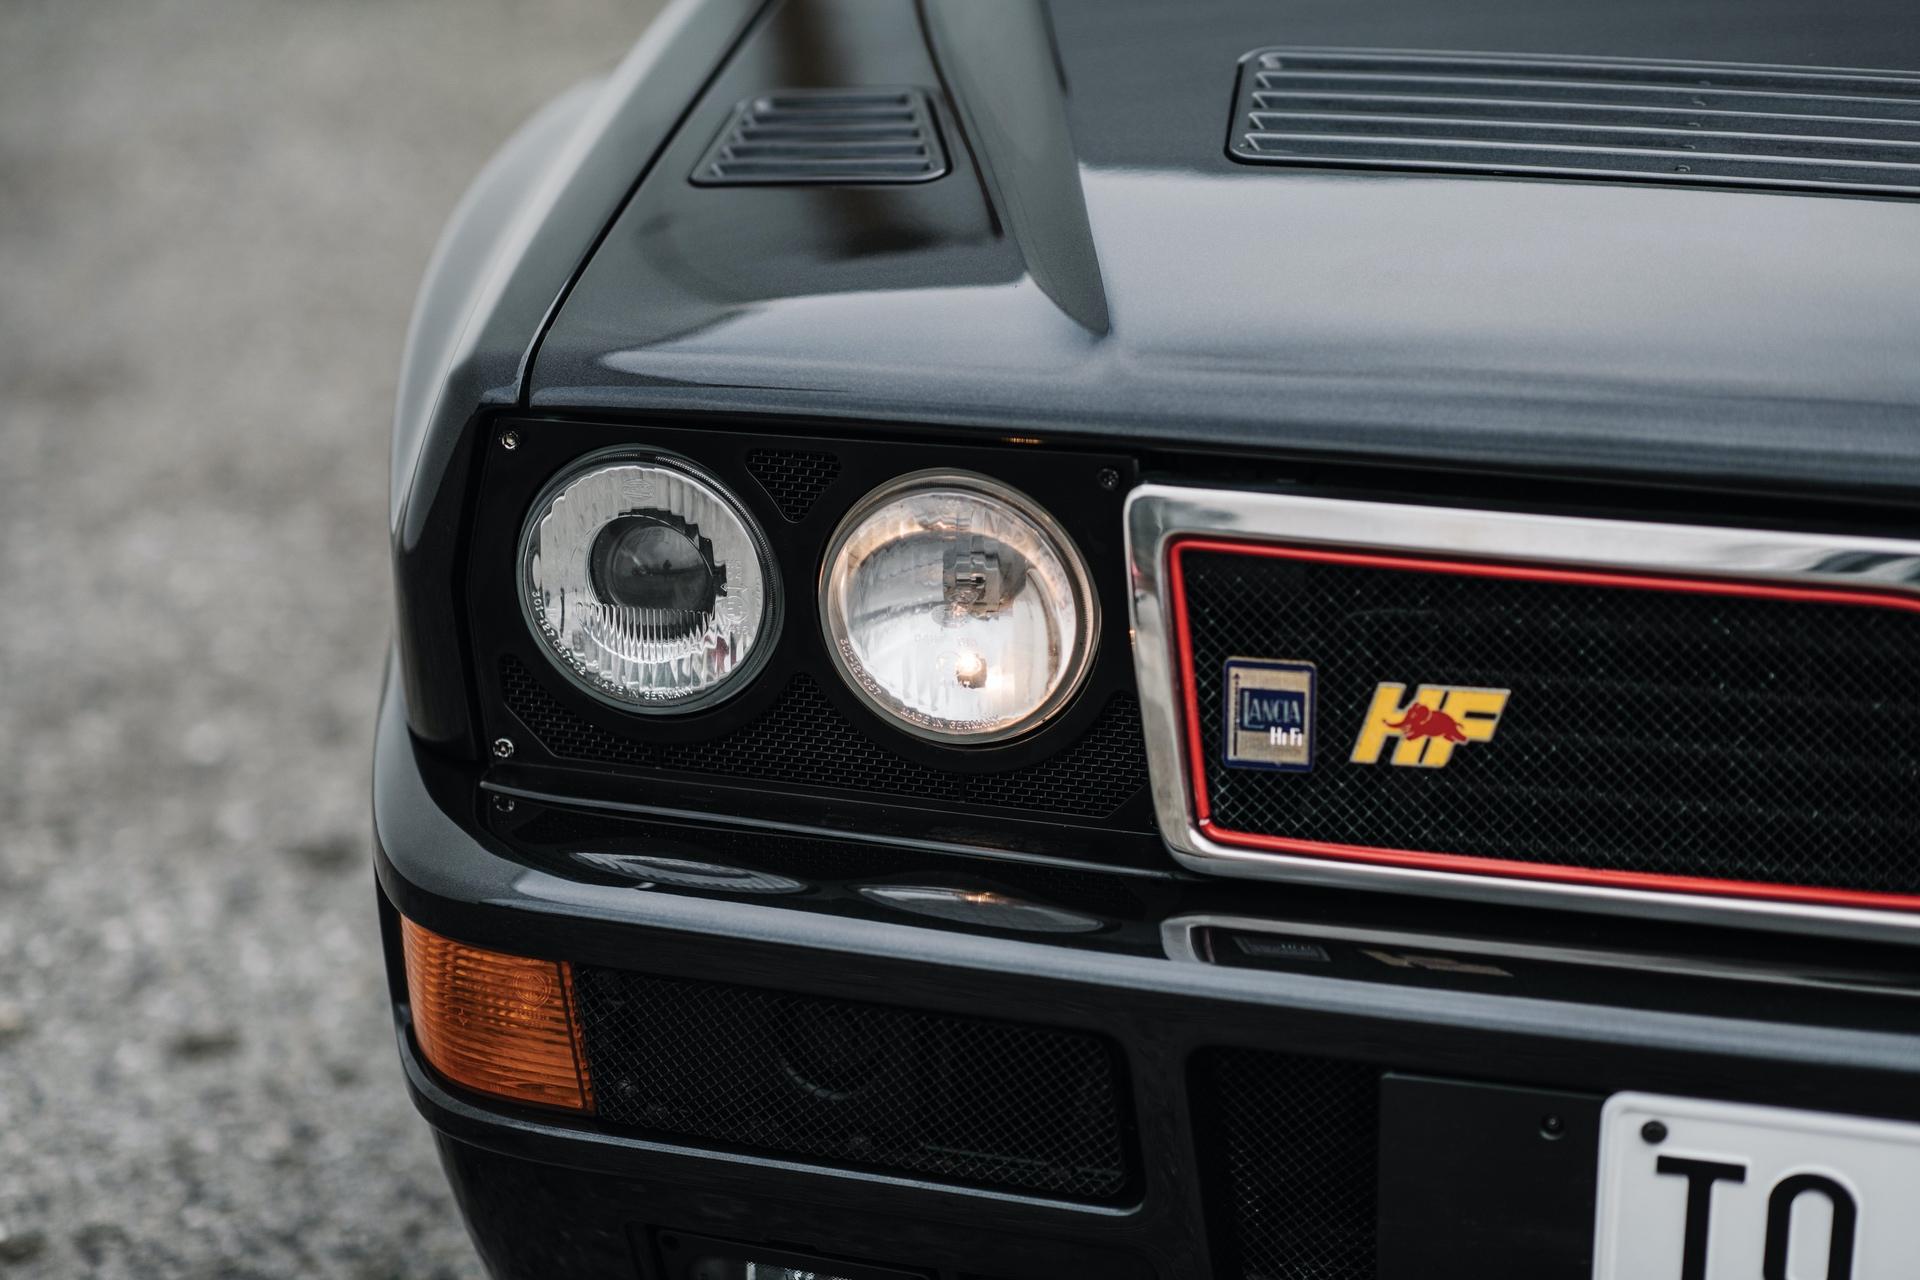 1992-Lancia-Delta-HF-Integrale-Evoluzione-_8